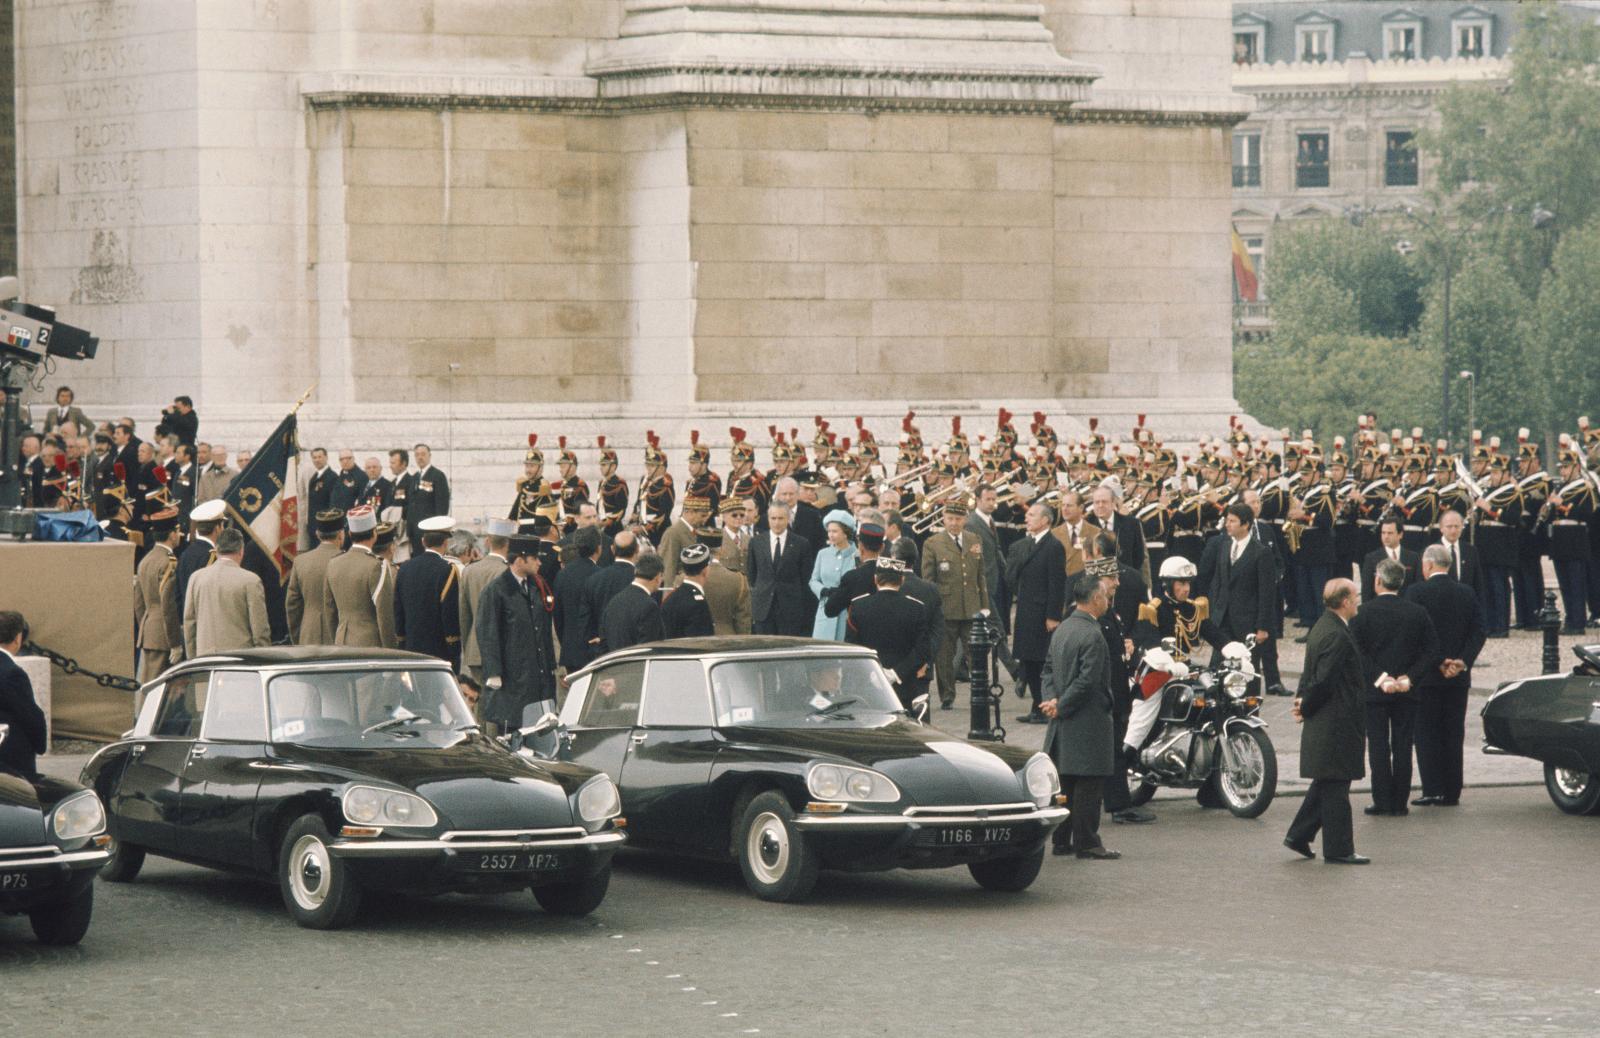 Visite de la reine d'Angleterre en France - DS Présidentielle - 1972